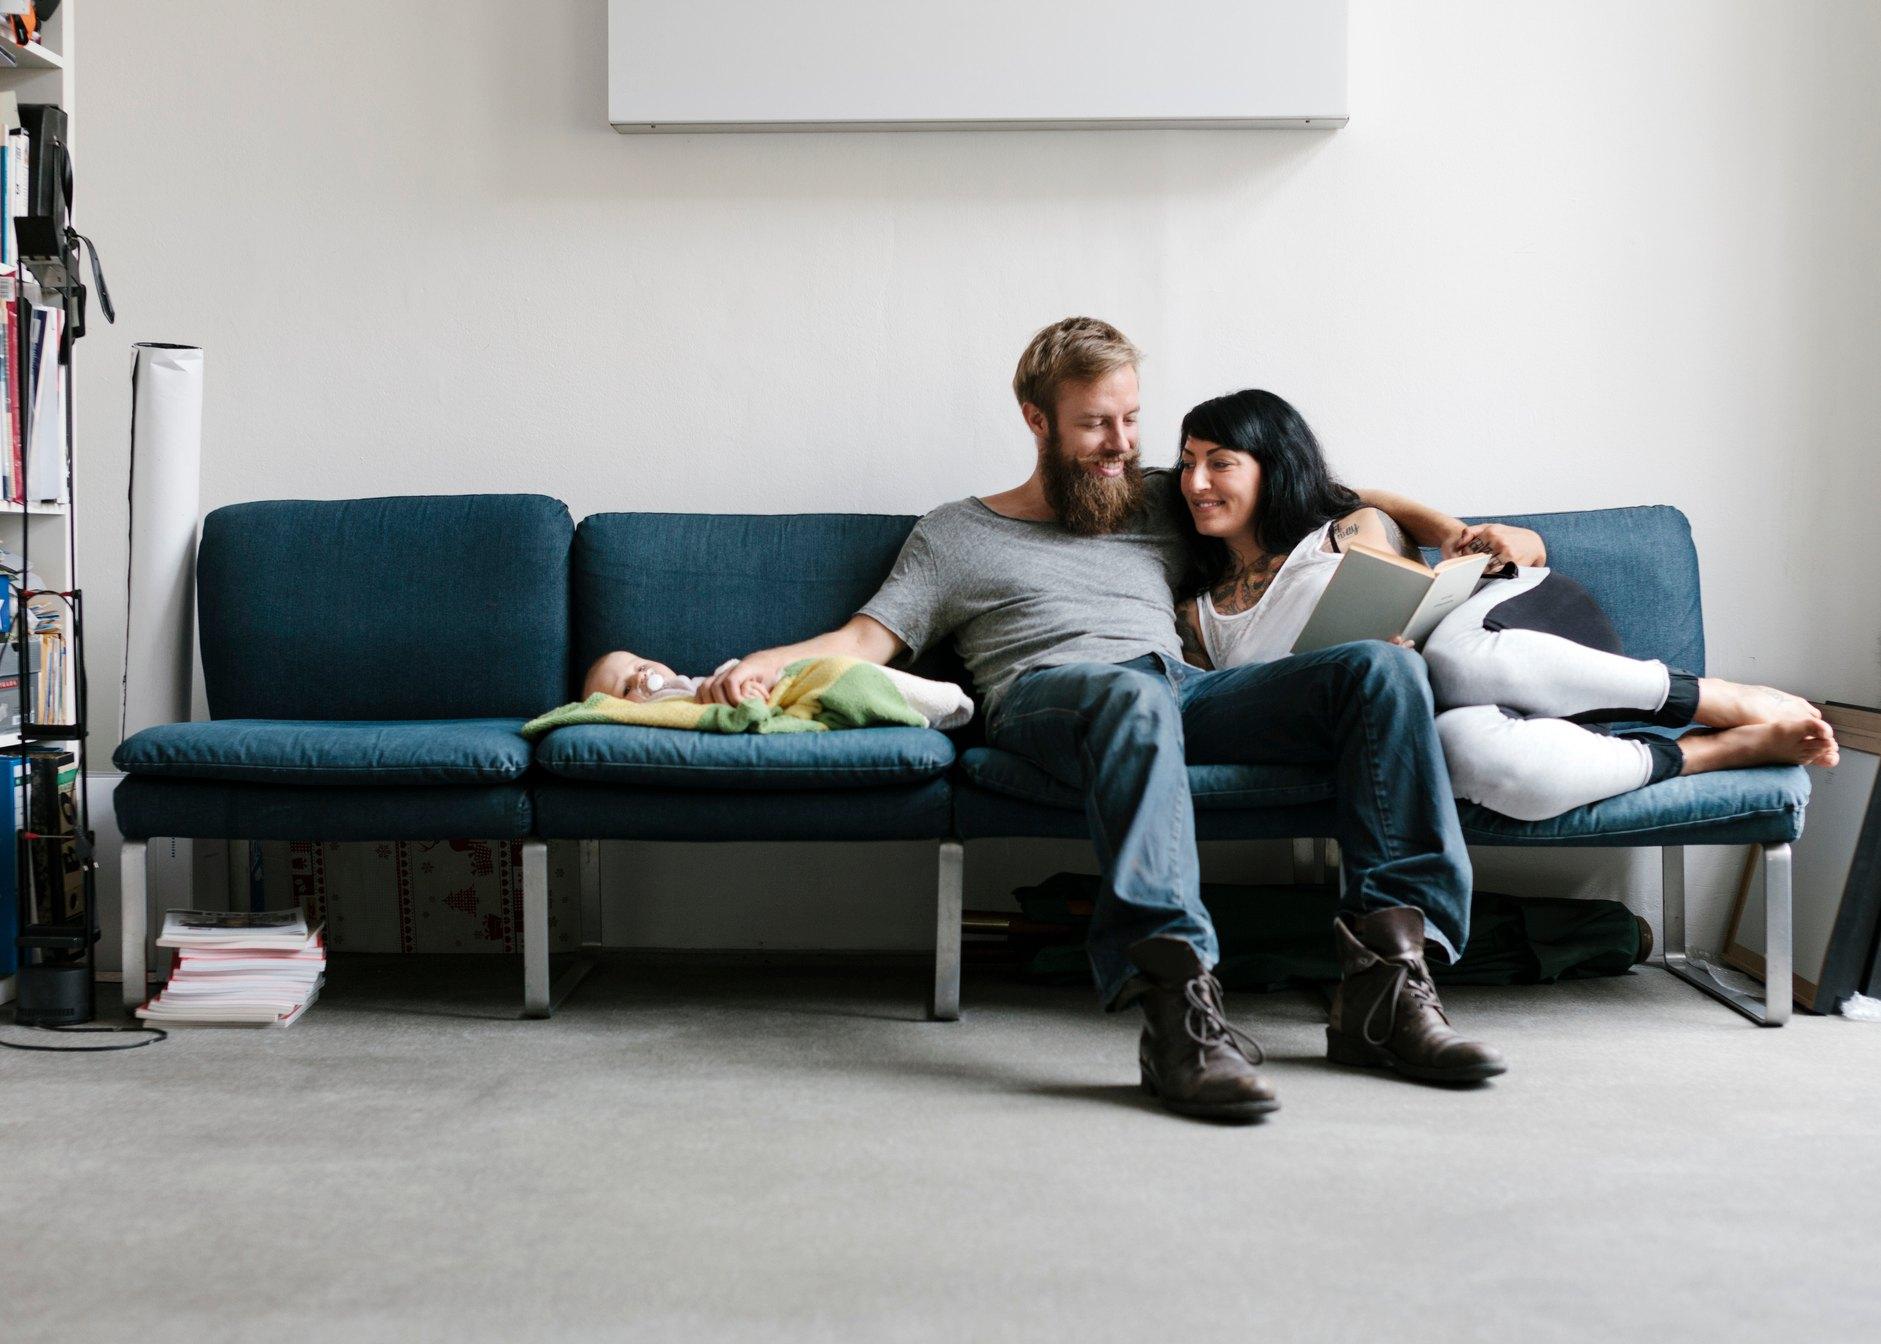 casal a relaxar no sofá com o bebé